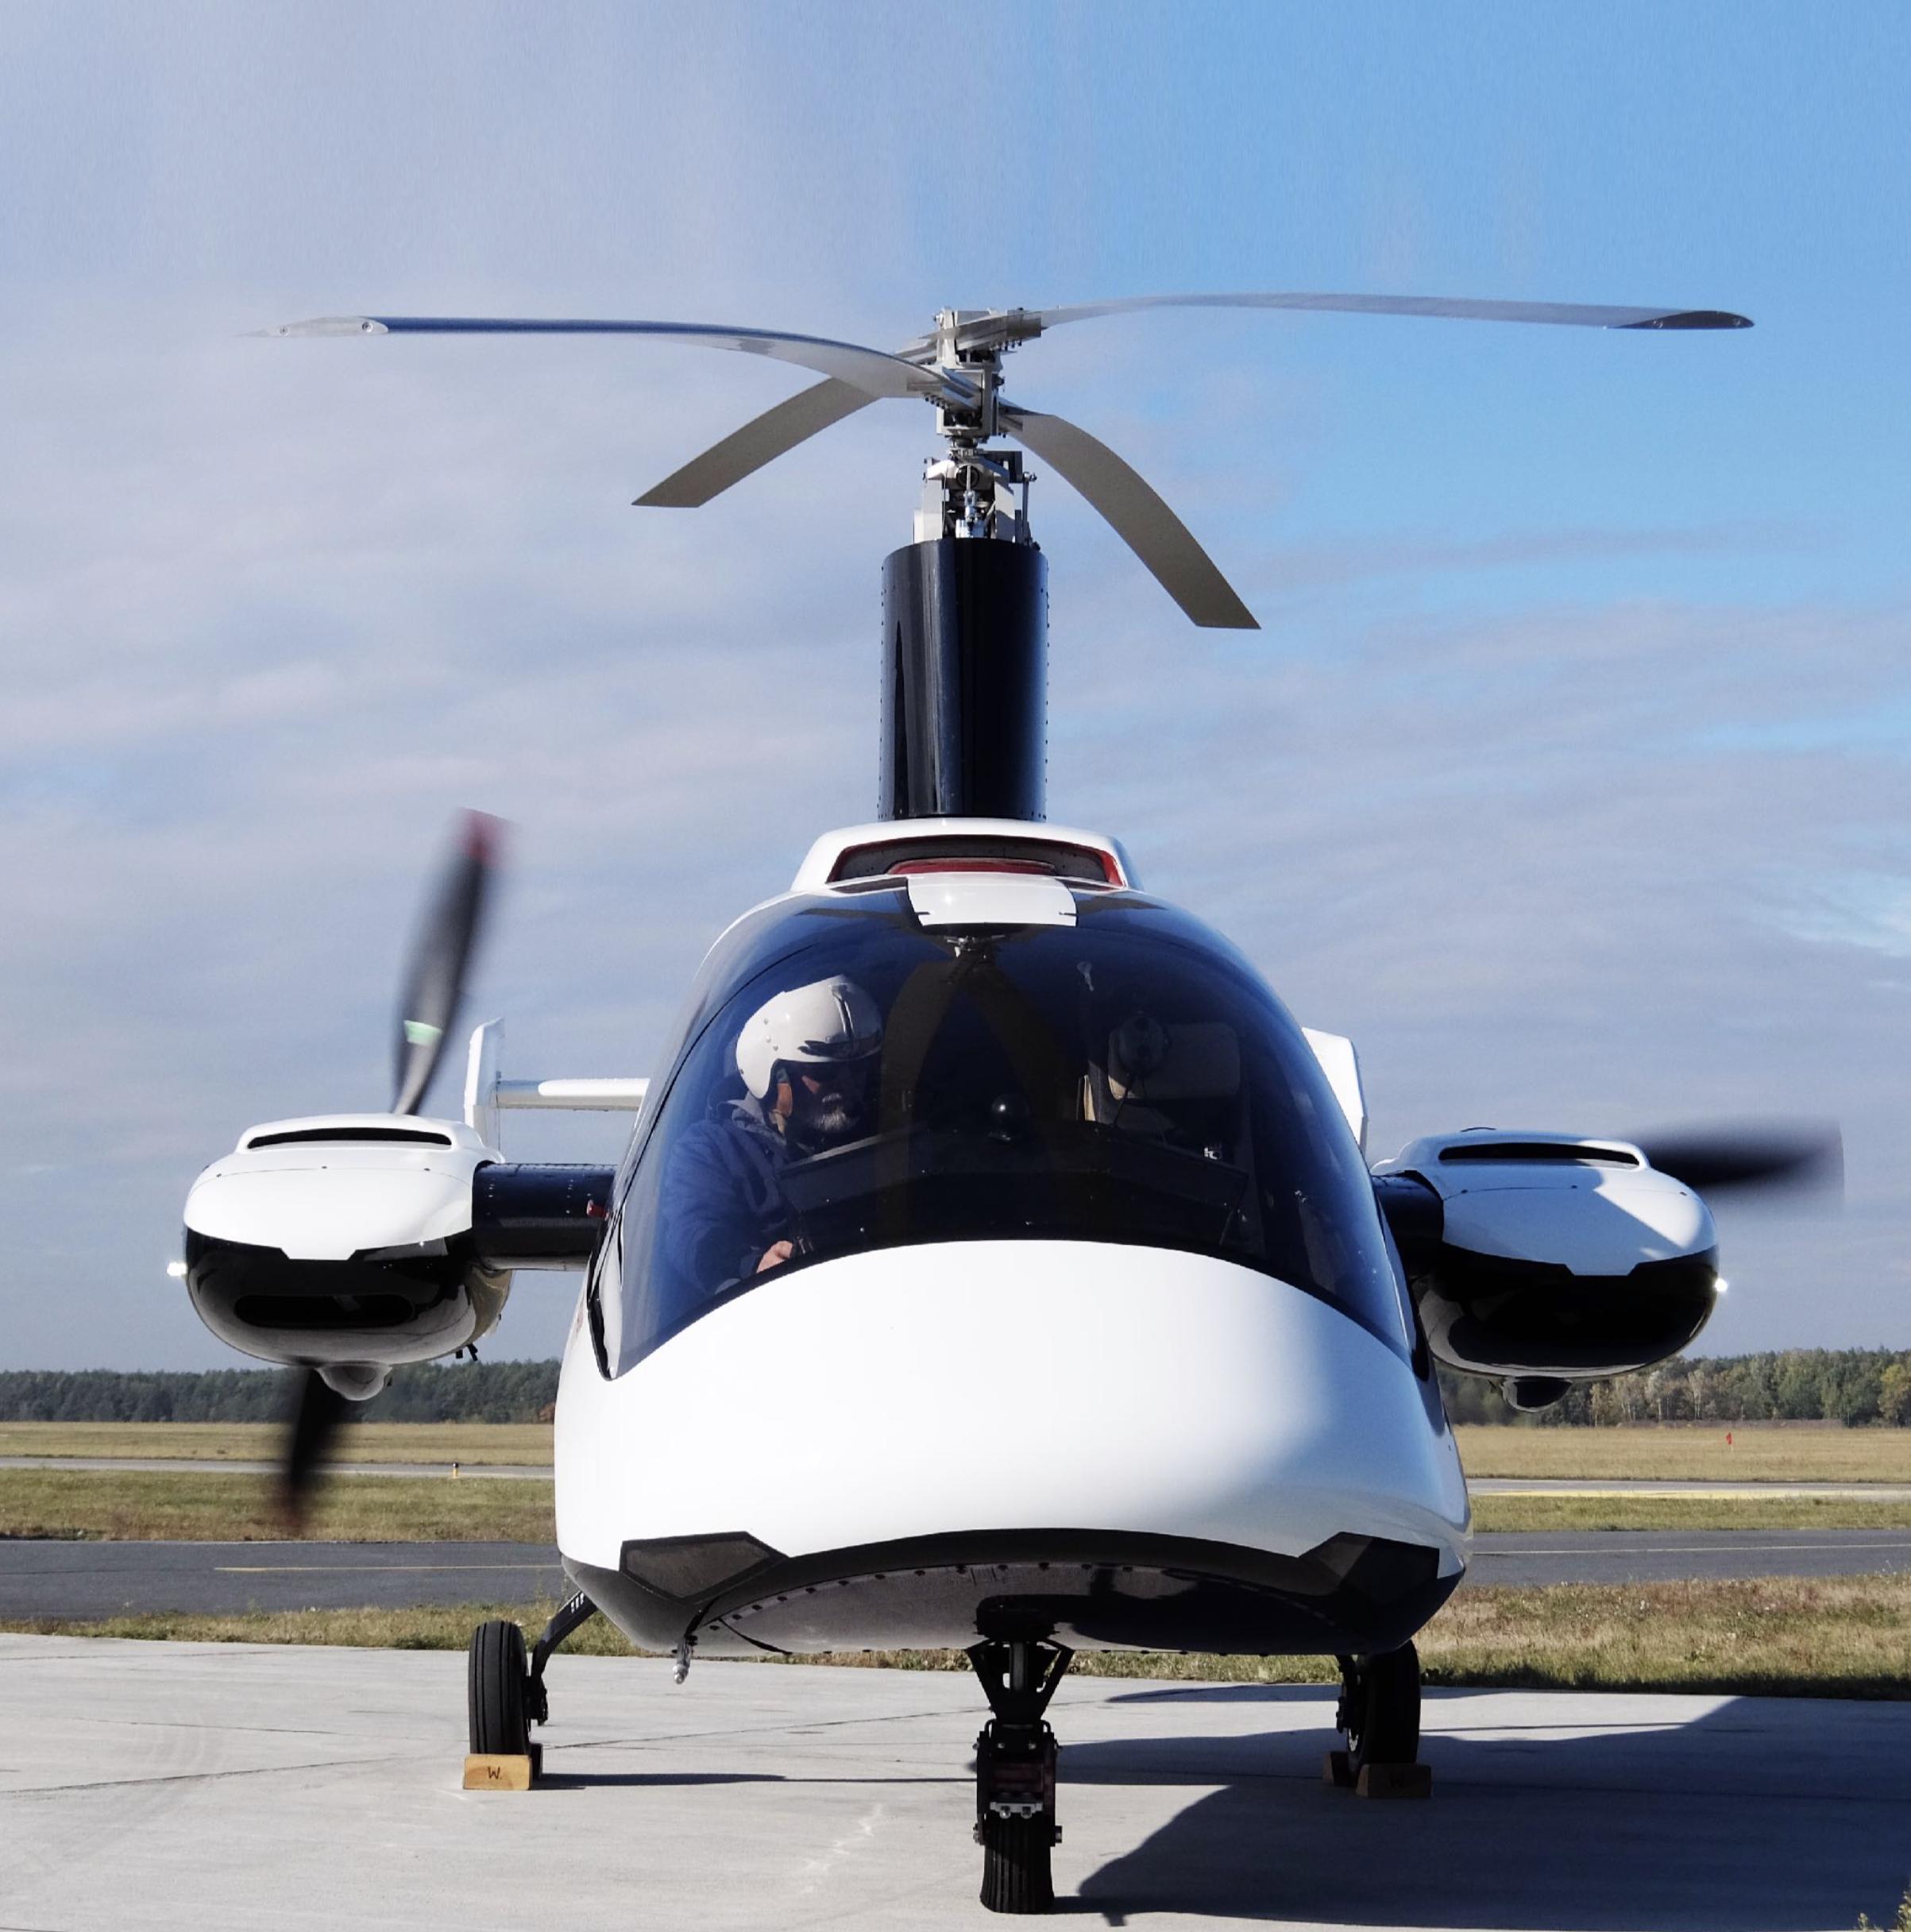 Fusioncopter, czylipierwszy 4 osobowy wiatrakowiec. - To pierwszy na świecie, tak zaawansowany technicznie wiropłat. Dwusilnikowa, czteroosobowa maszyna przeznaczona na rynek cywilny, oferująca niespotykane dotąd bezpieczeństwo, komfort i łatwość pilotażu.